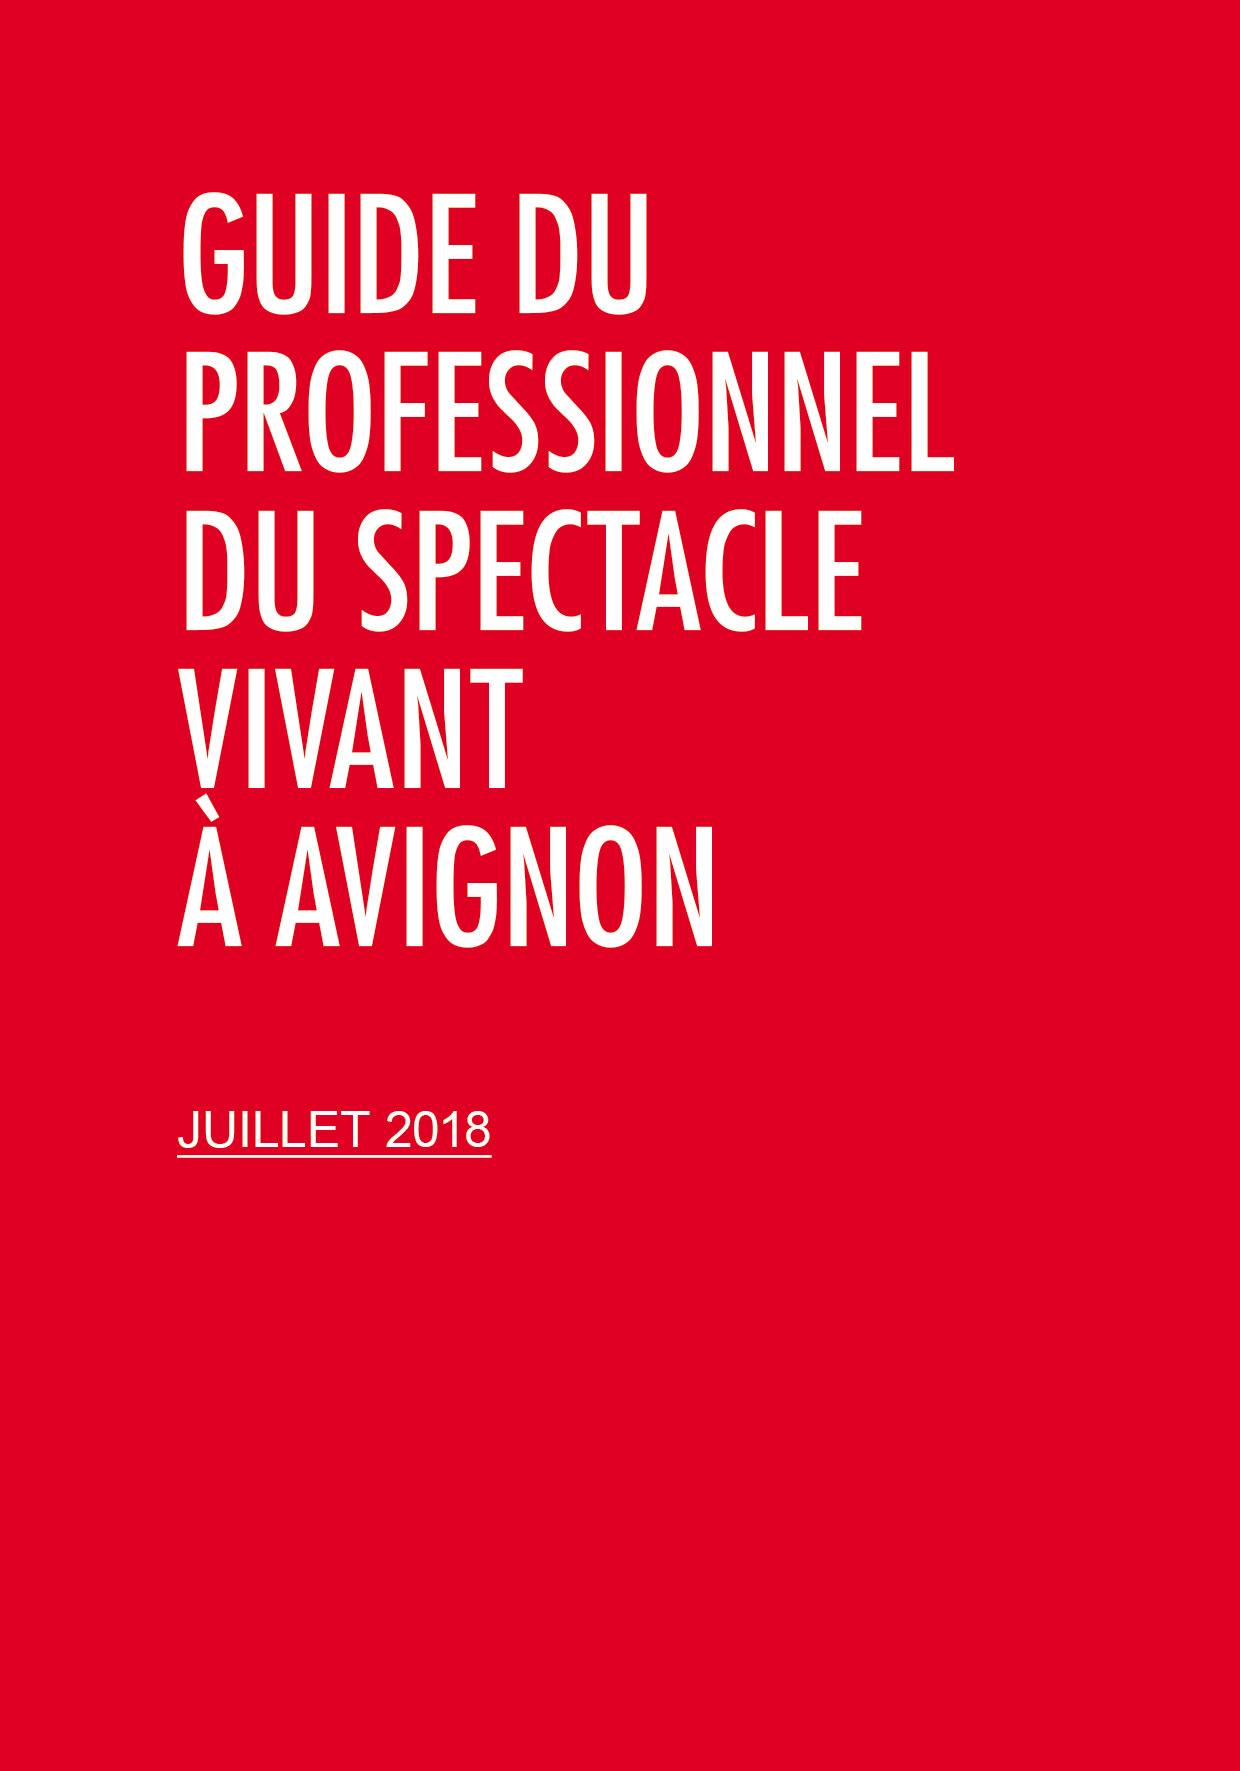 Guide du Professionnel du Spectacle vivant